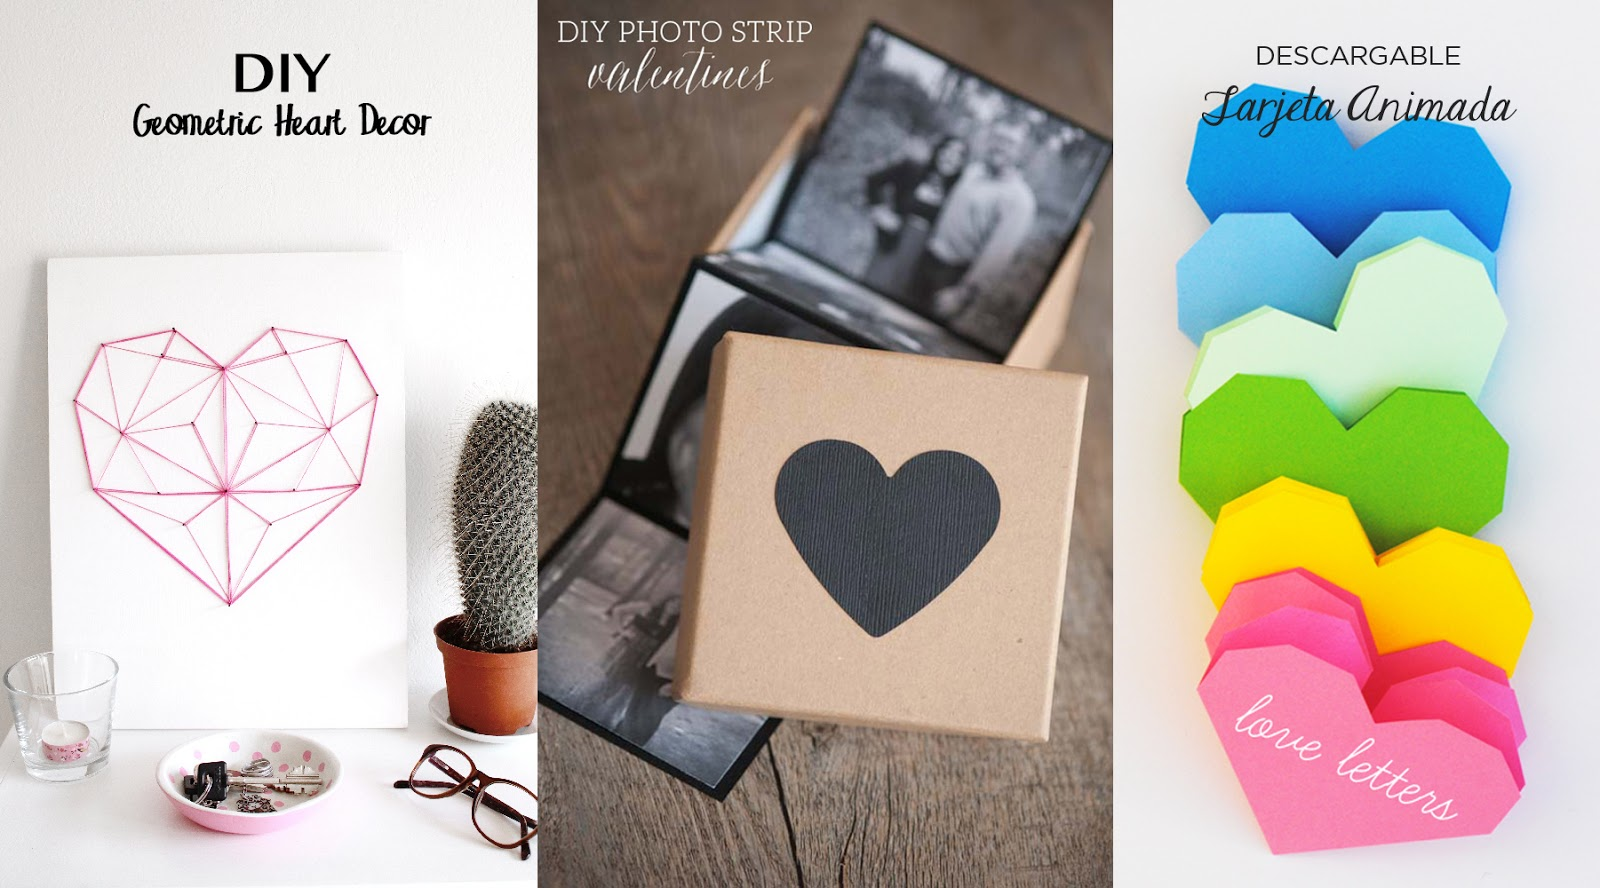 La marimorena creativos 3 regalos originales y sencillos - Regalos originales para la casa ...